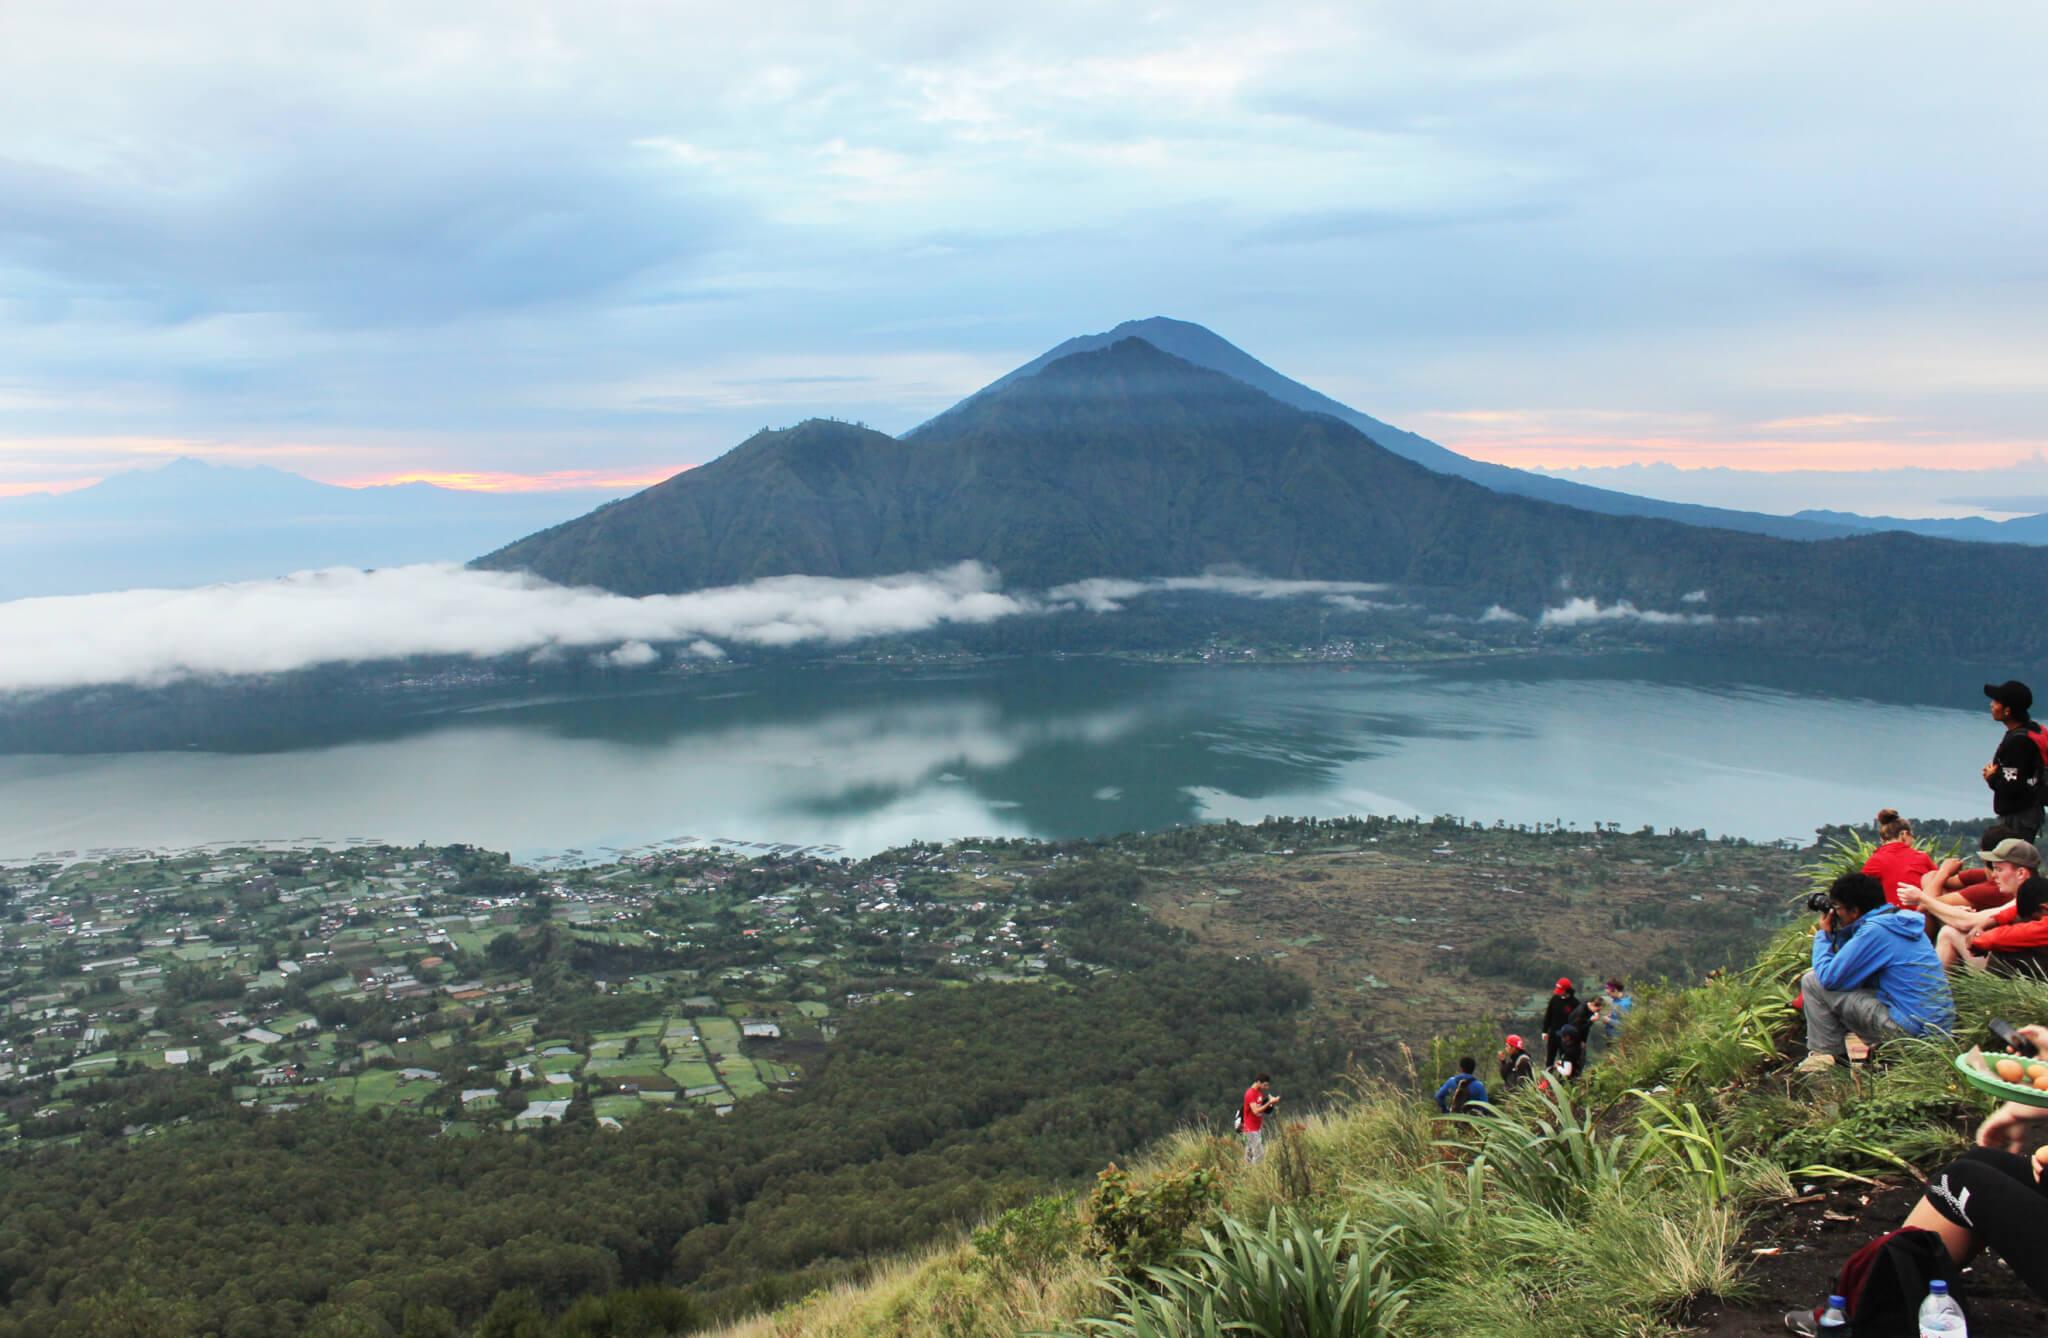 Image du Batur en Indonésie pour notre article Top 3 – Rando à découvrir sur 3 continents